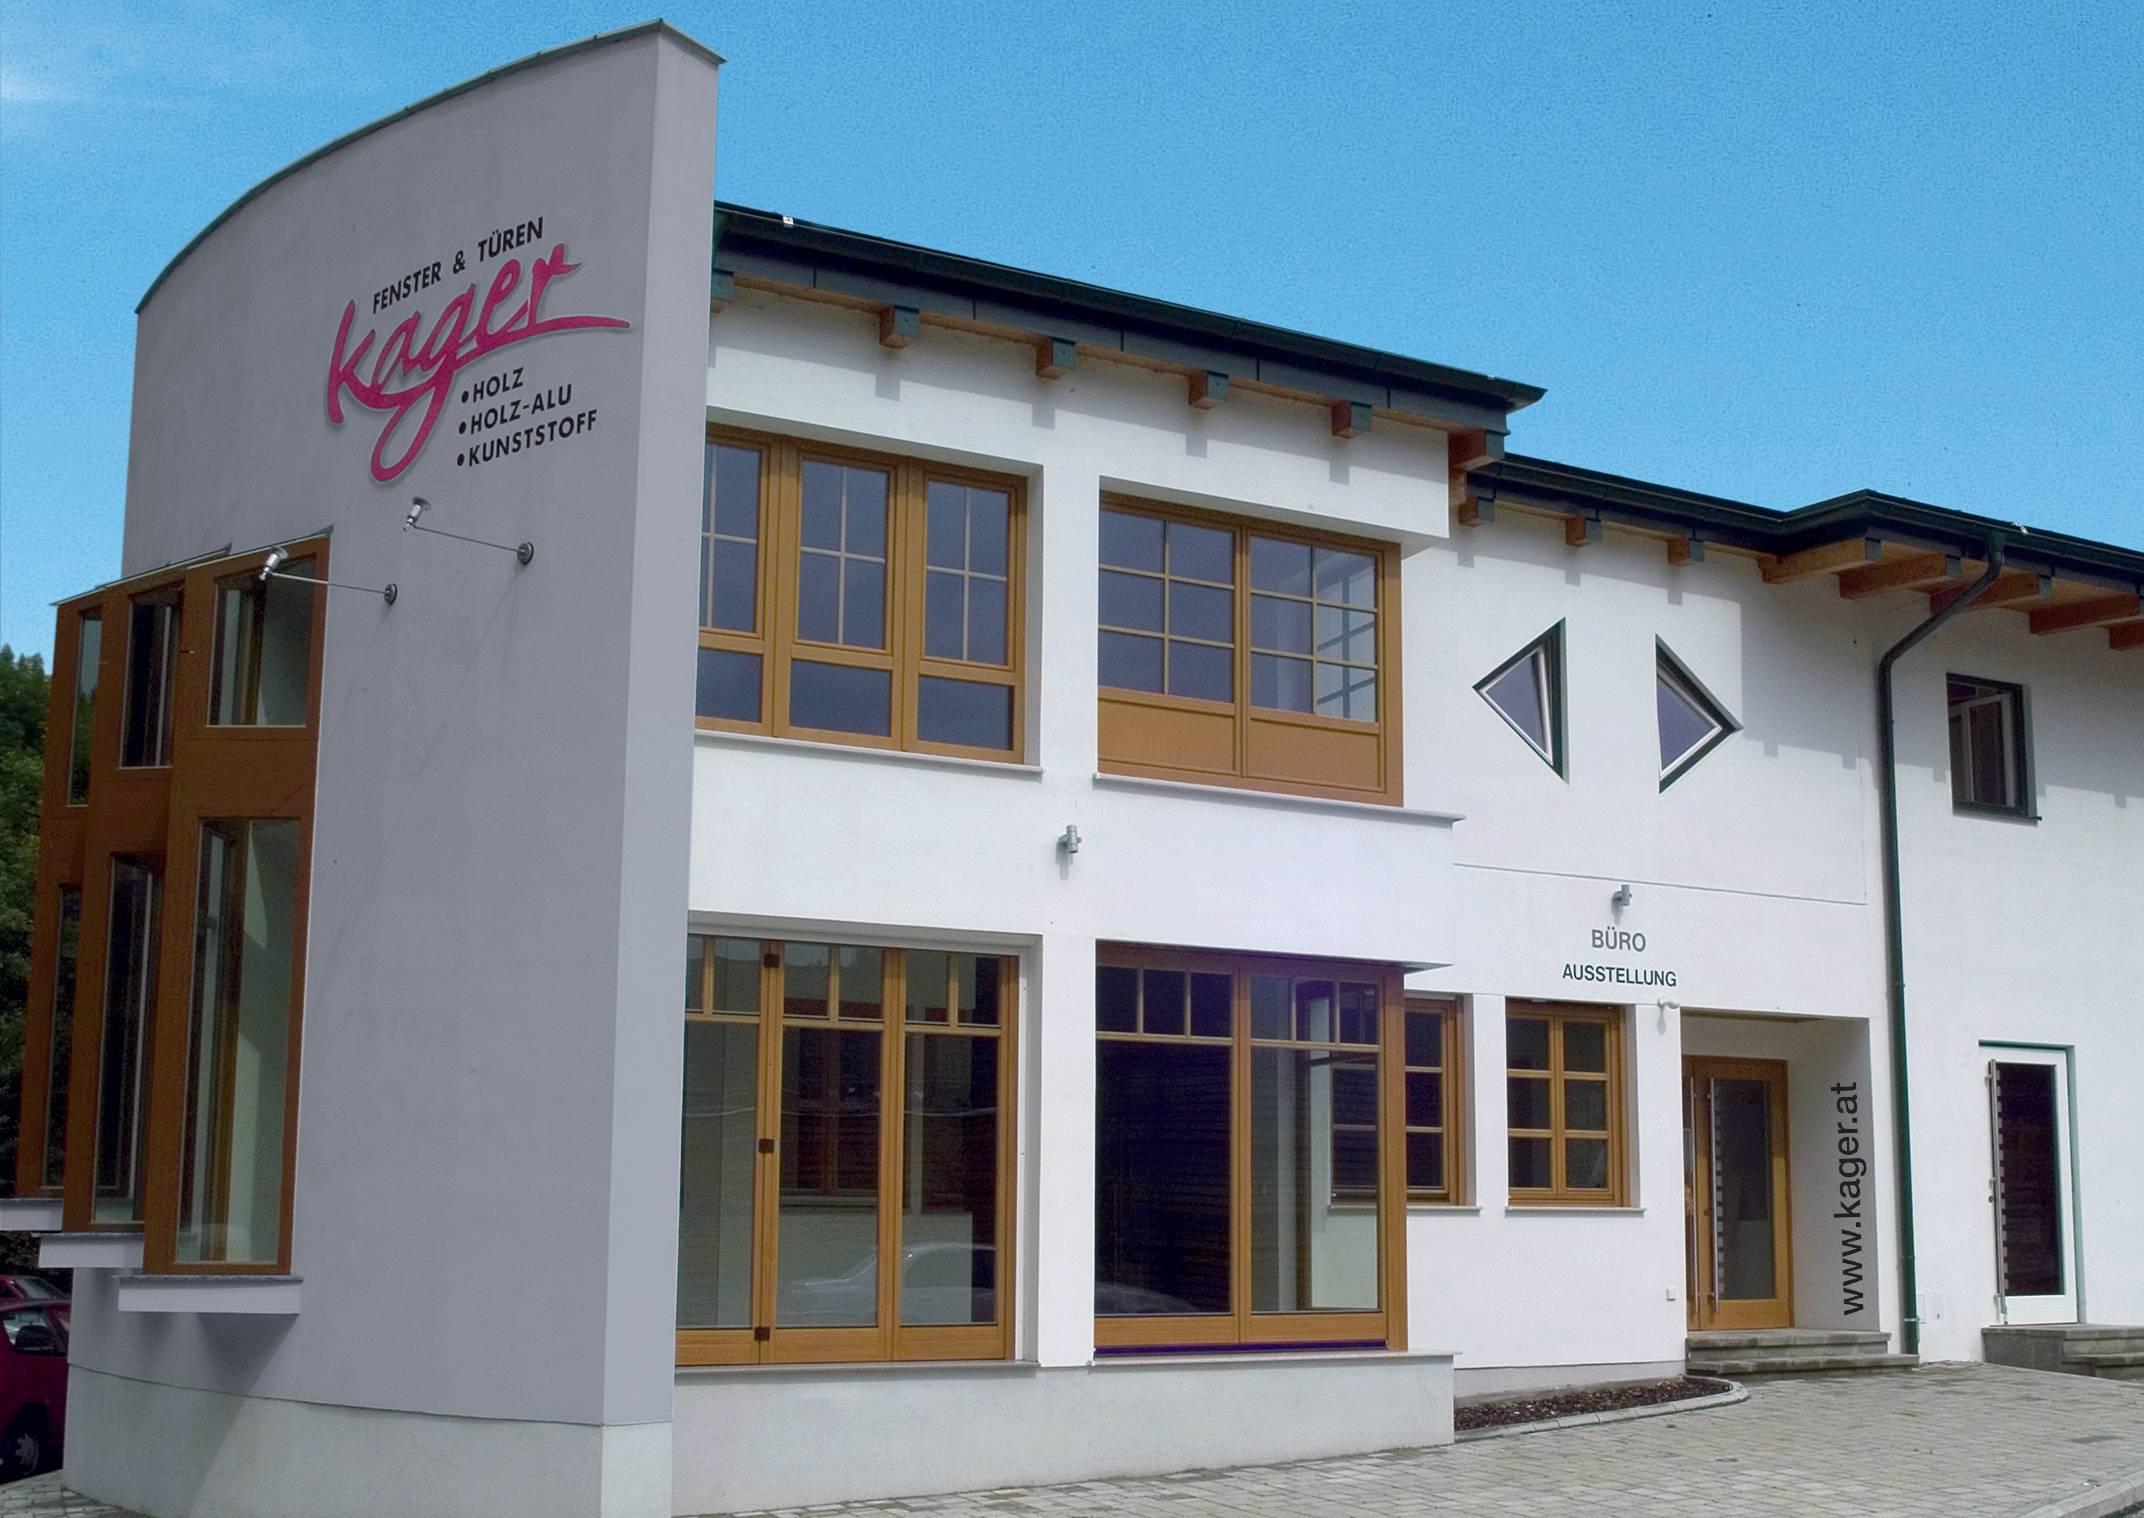 Kager Fenster GmbH